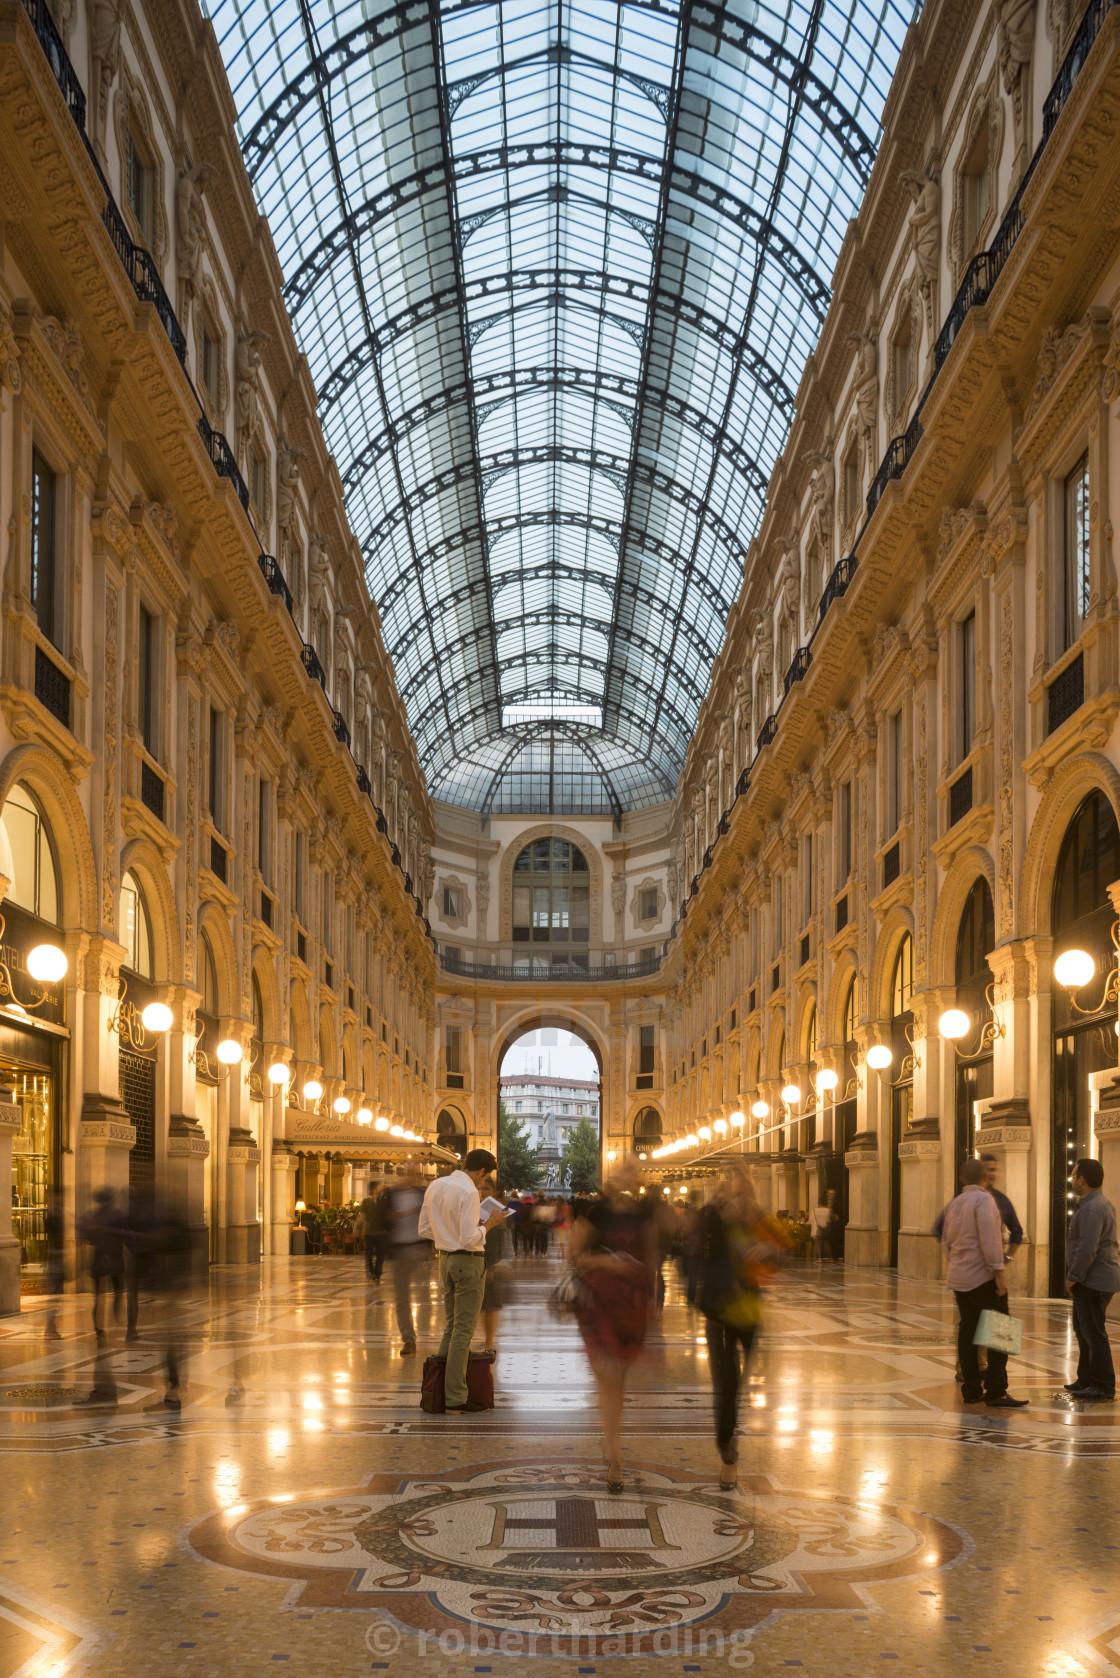 Interior of Galleria Vittorio Emanuele Shopping Mall ...